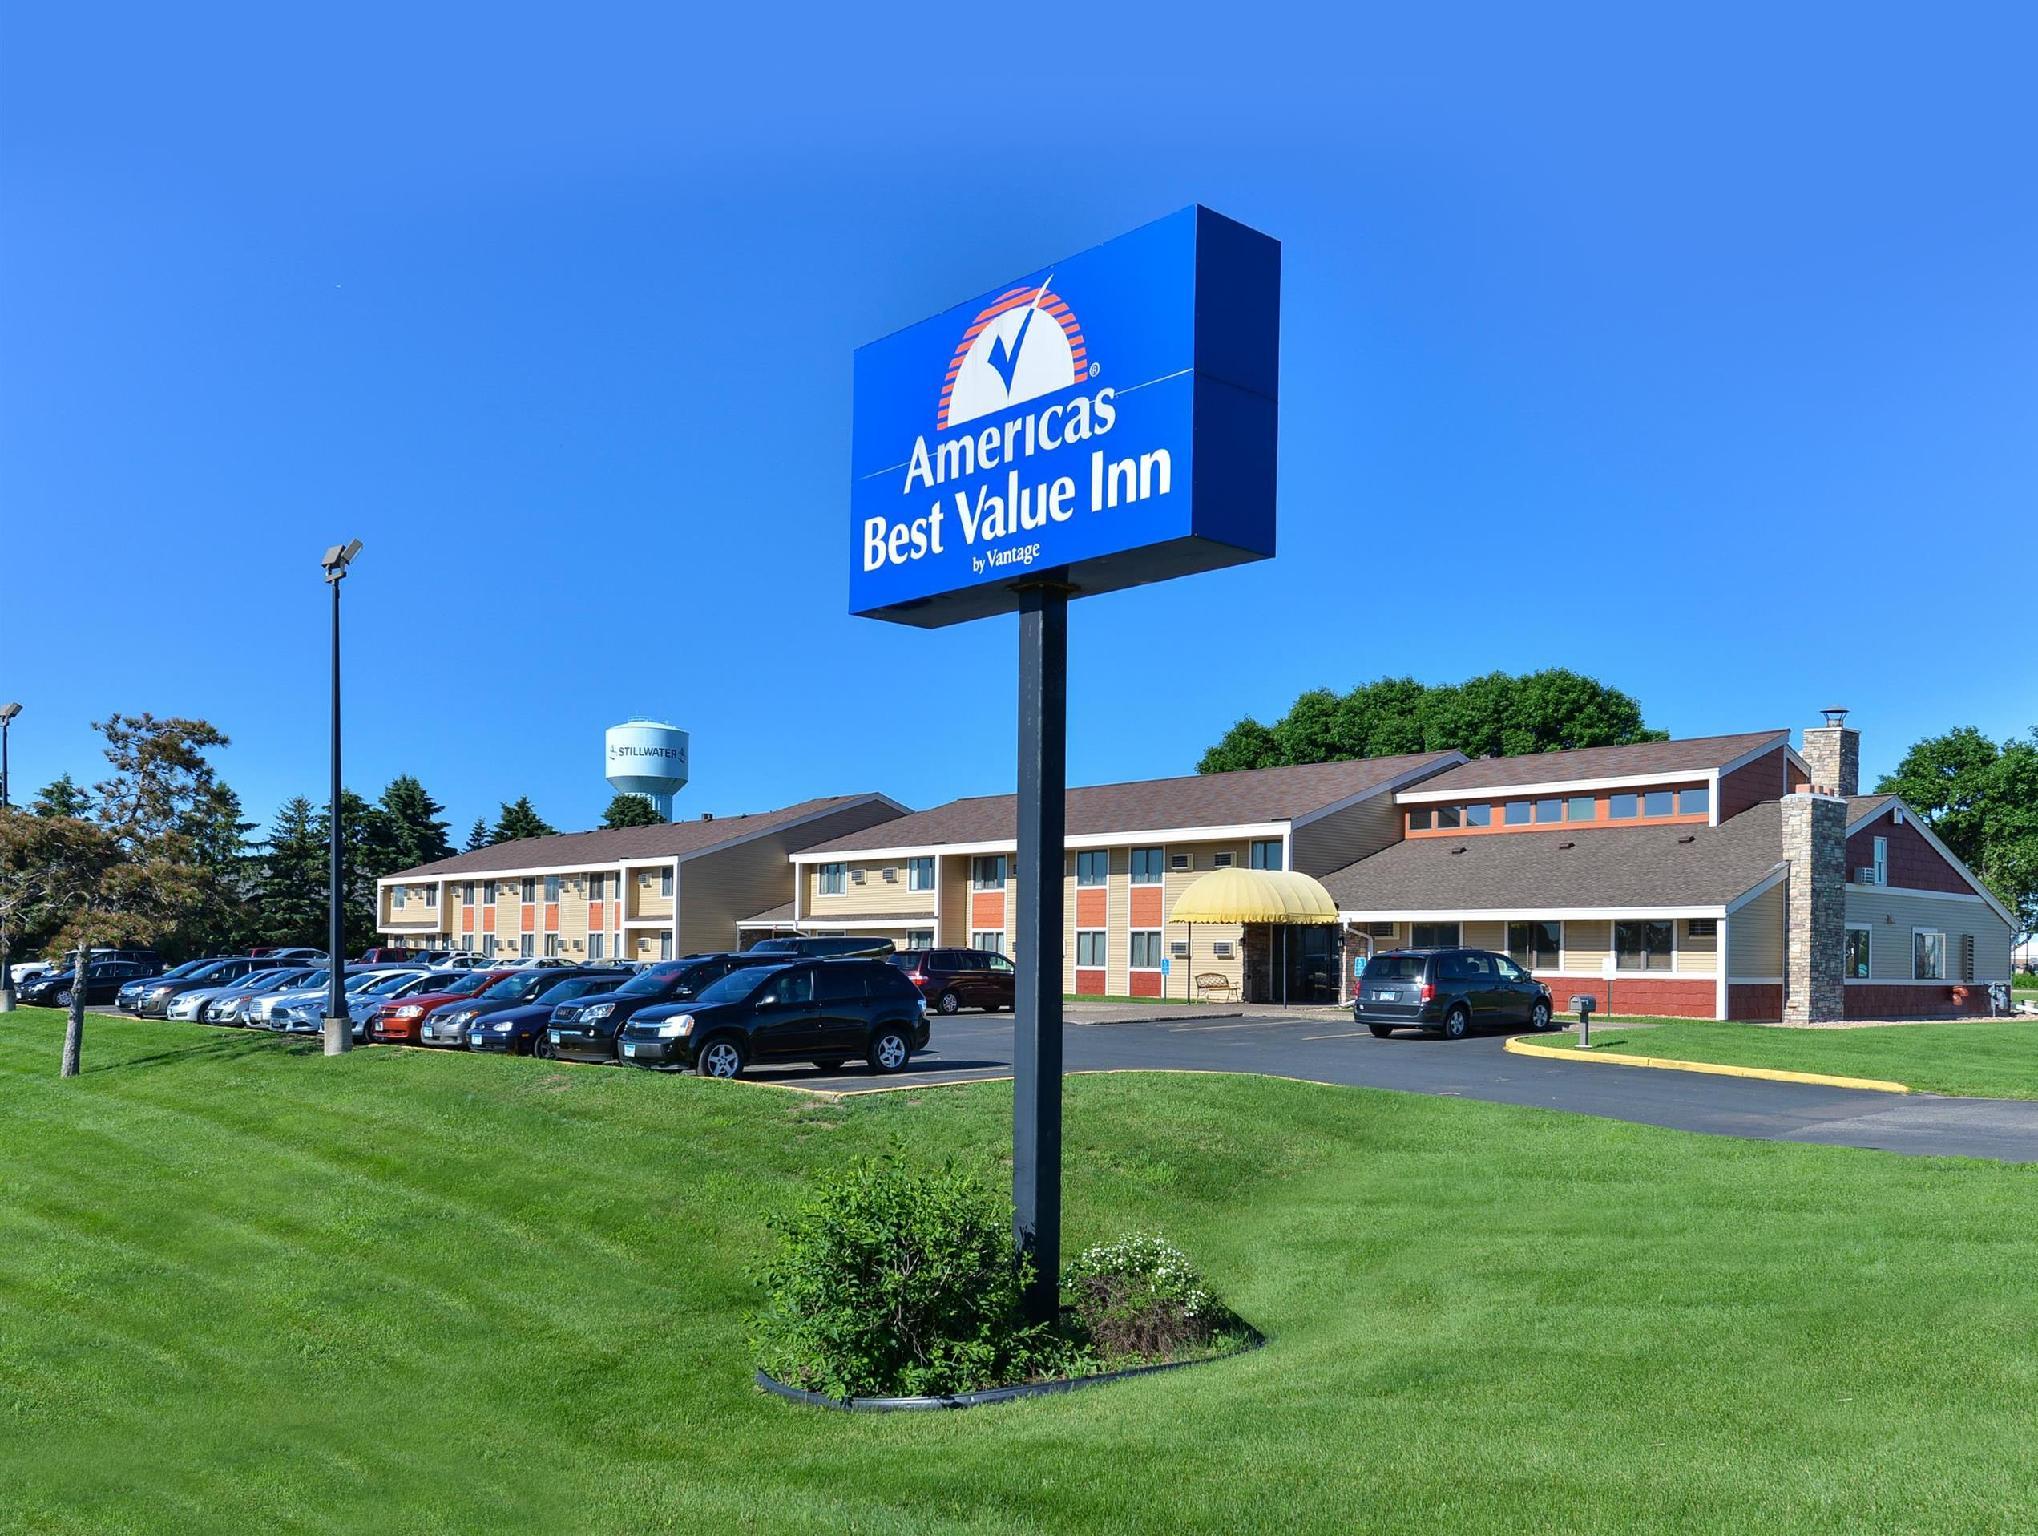 Americas Best Value Inn Stillwater St. Paul